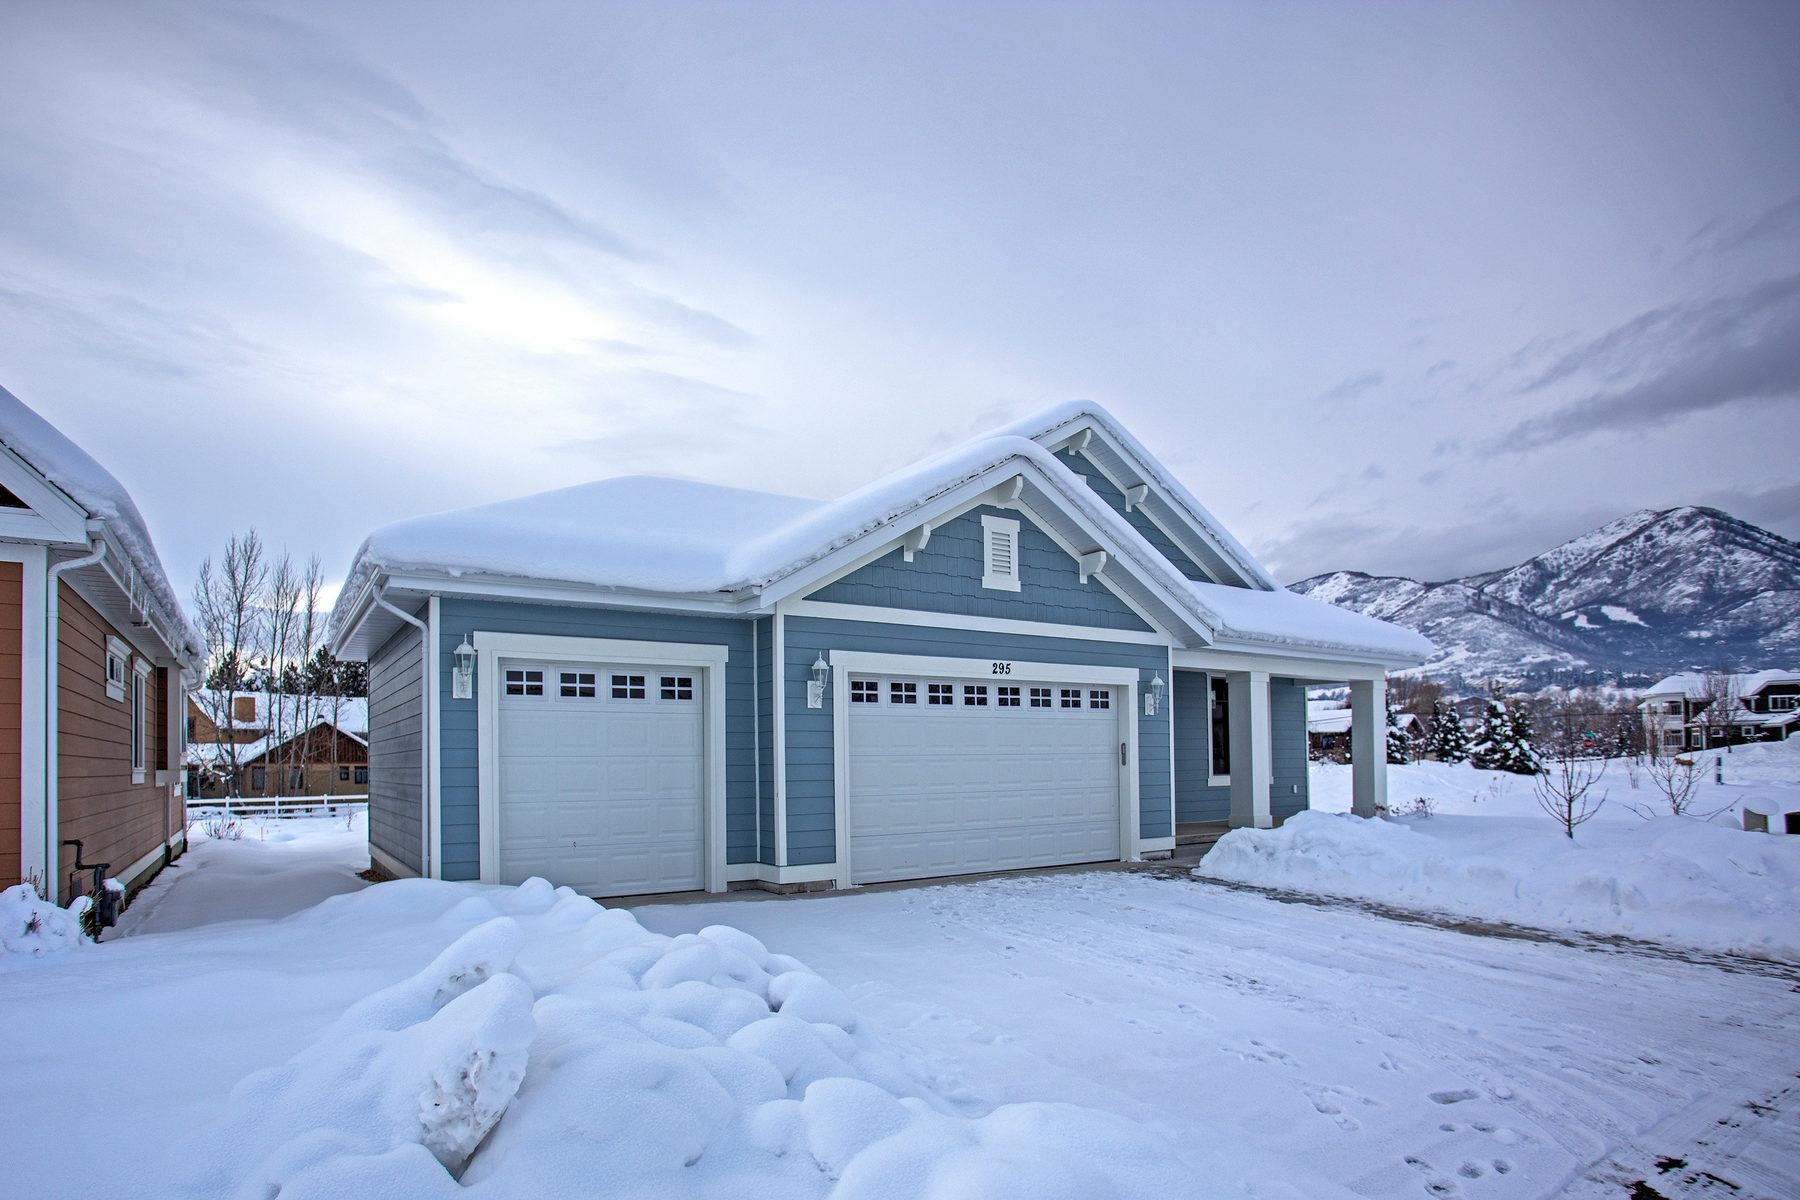 Casa Unifamiliar por un Venta en Country Living in Midway Village 295 W Burnts Fields Dr Midway, Utah 84049 Estados Unidos